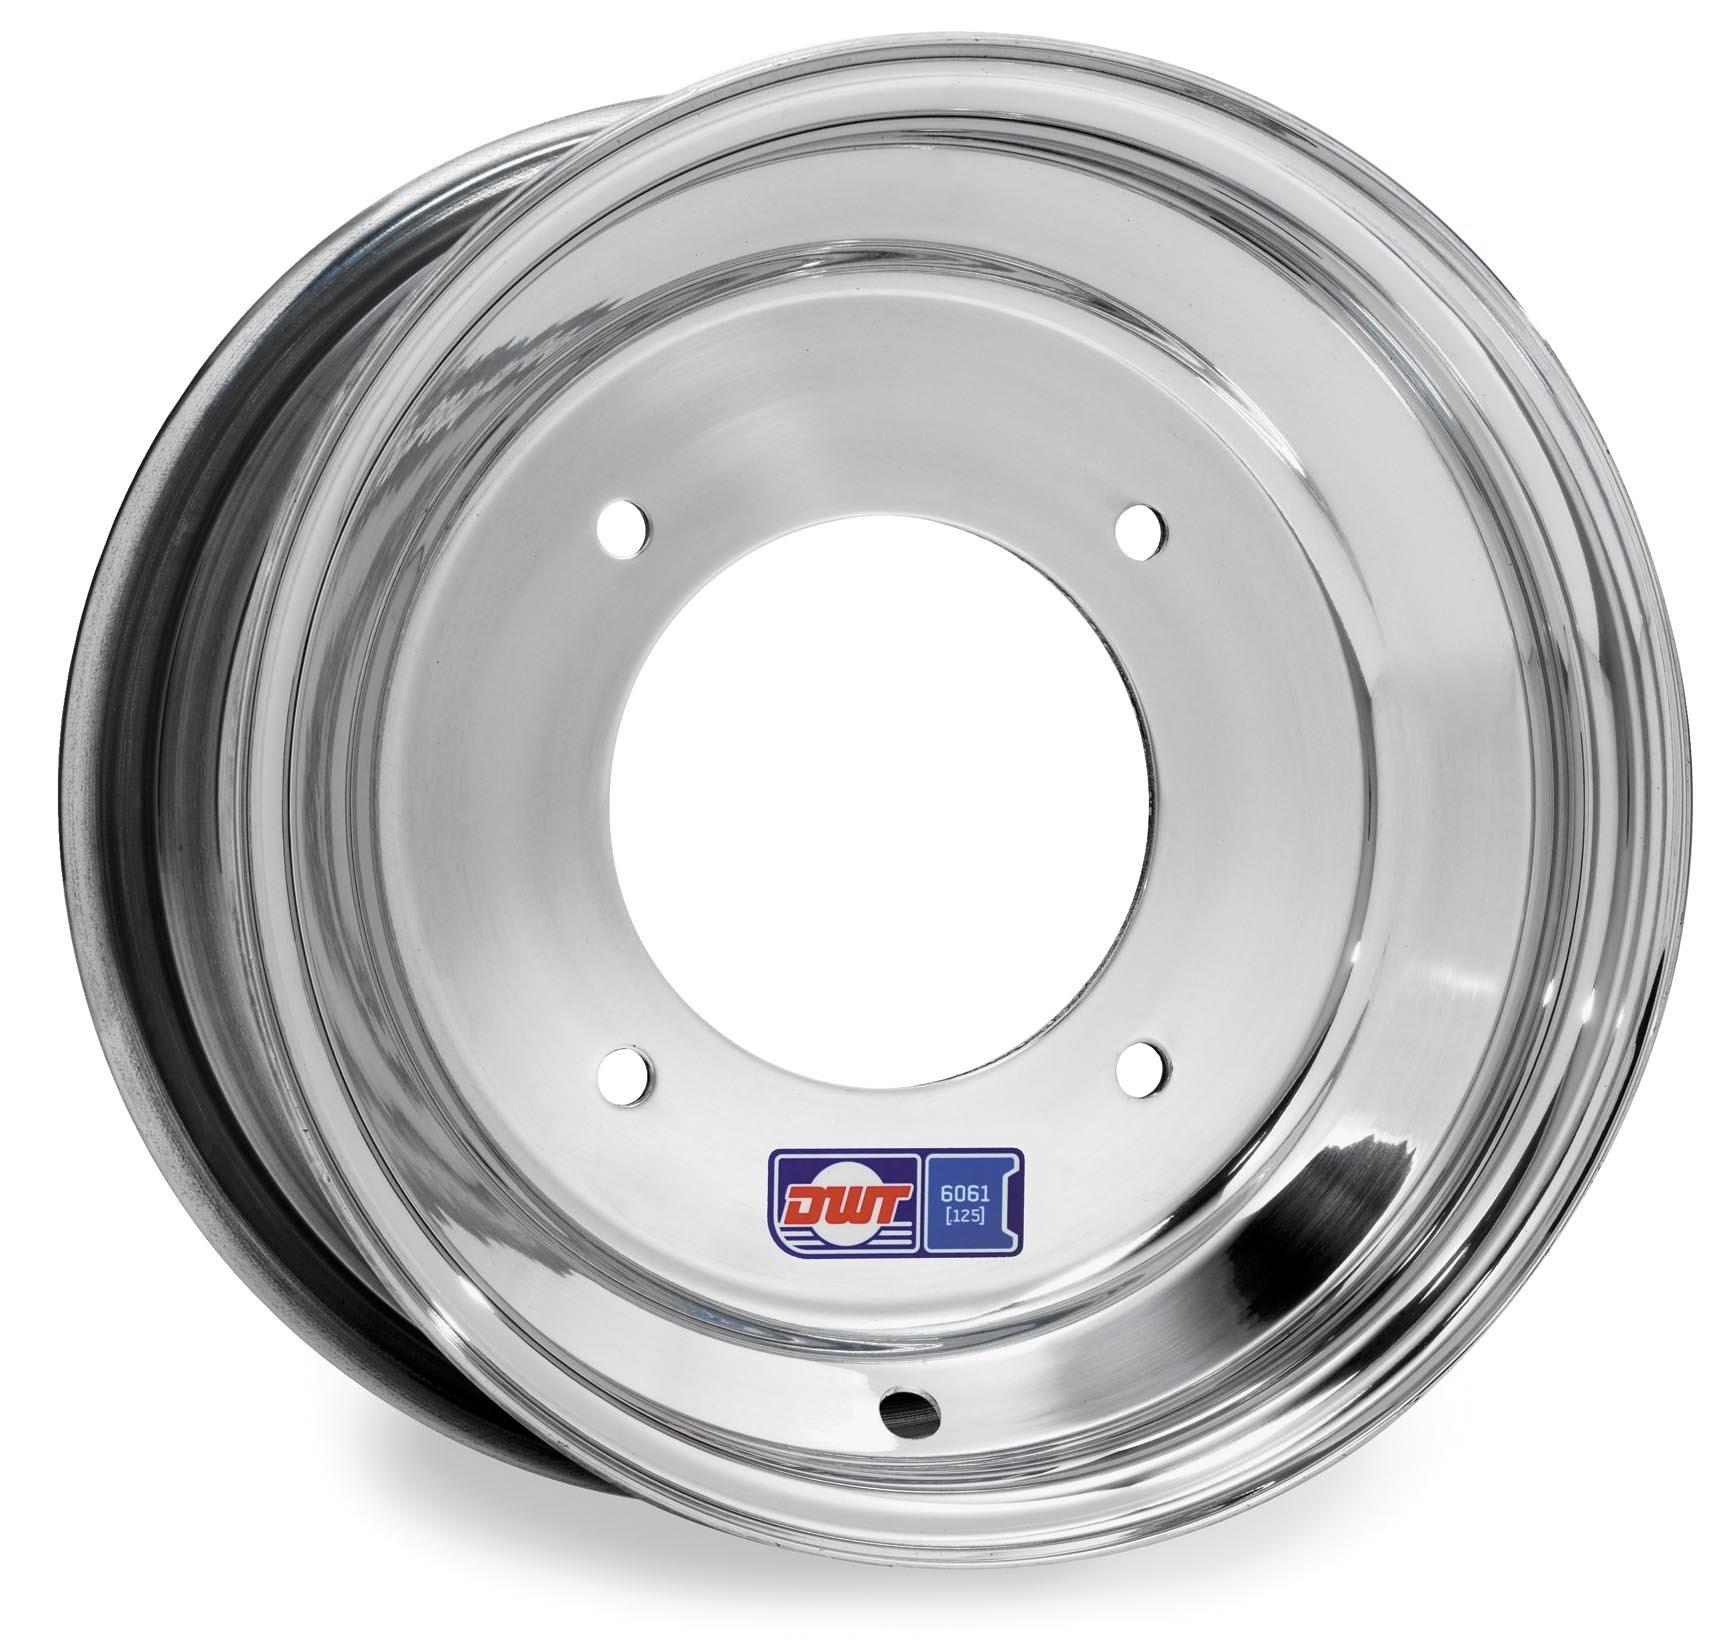 Douglas Wheel Tire 007-07 Blue Label Wheel - 10x8 - 3+5 Offset - 4/115 , Bolt Pattern: 4/115, Wheel Rim Size: 10x8, Rim Offset: 3+5, Color: Aluminum, Position: Front/Rear